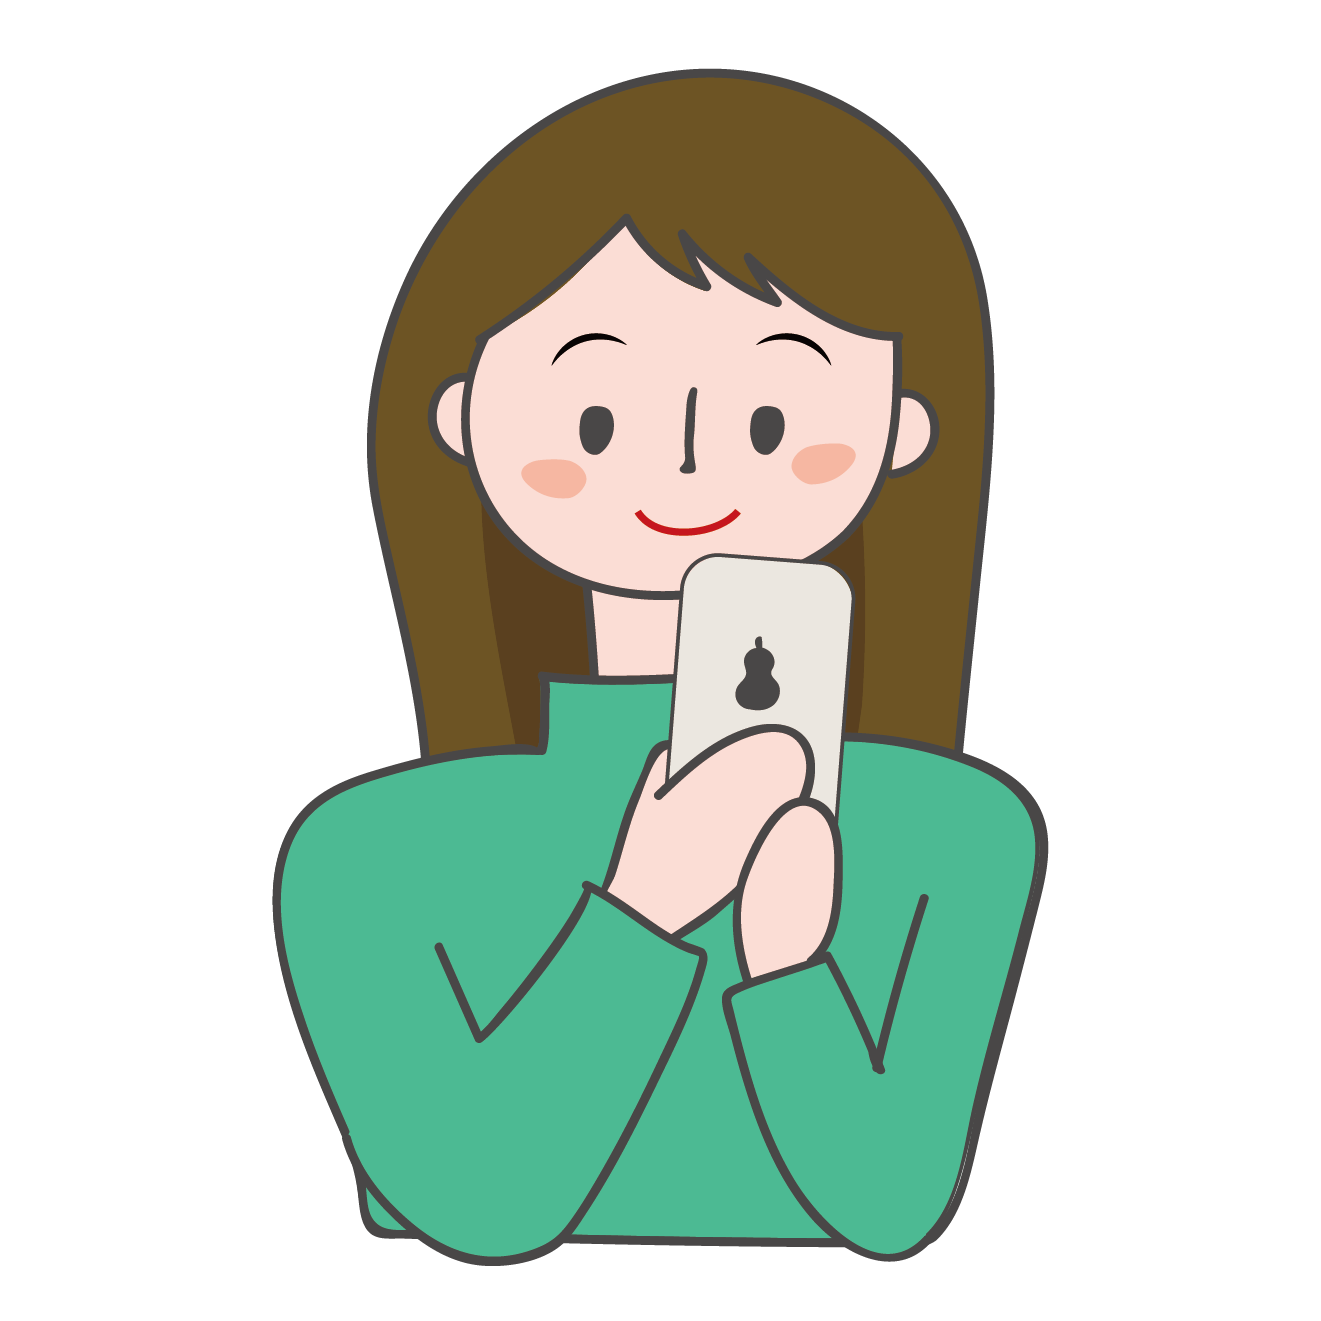 スマートフォン(スマフォ・携帯電話)を見ている女性のイラスト | 商用